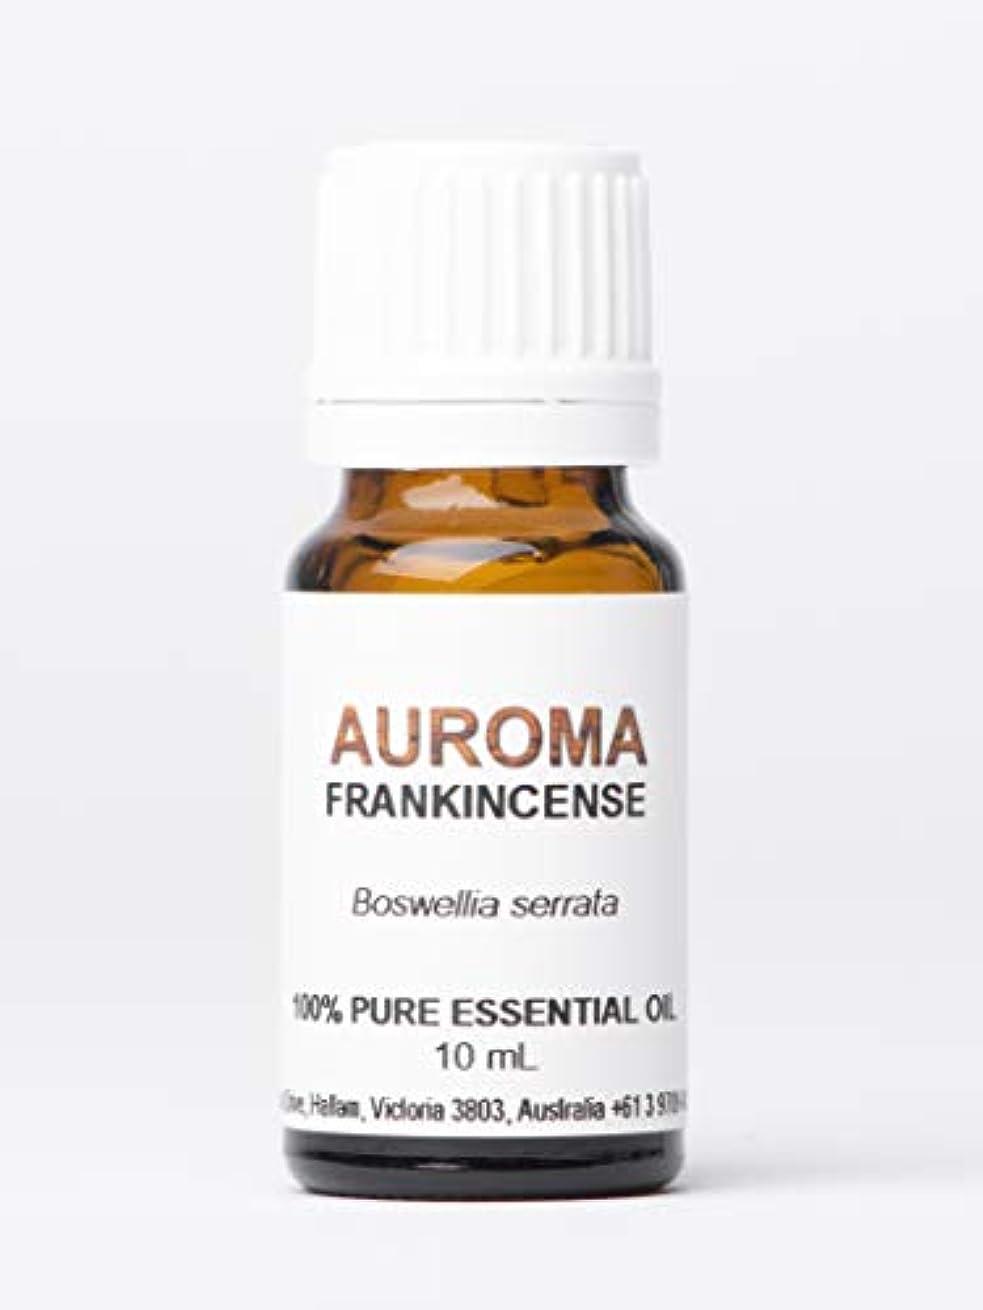 AUROMA フランキンセンス 10ml